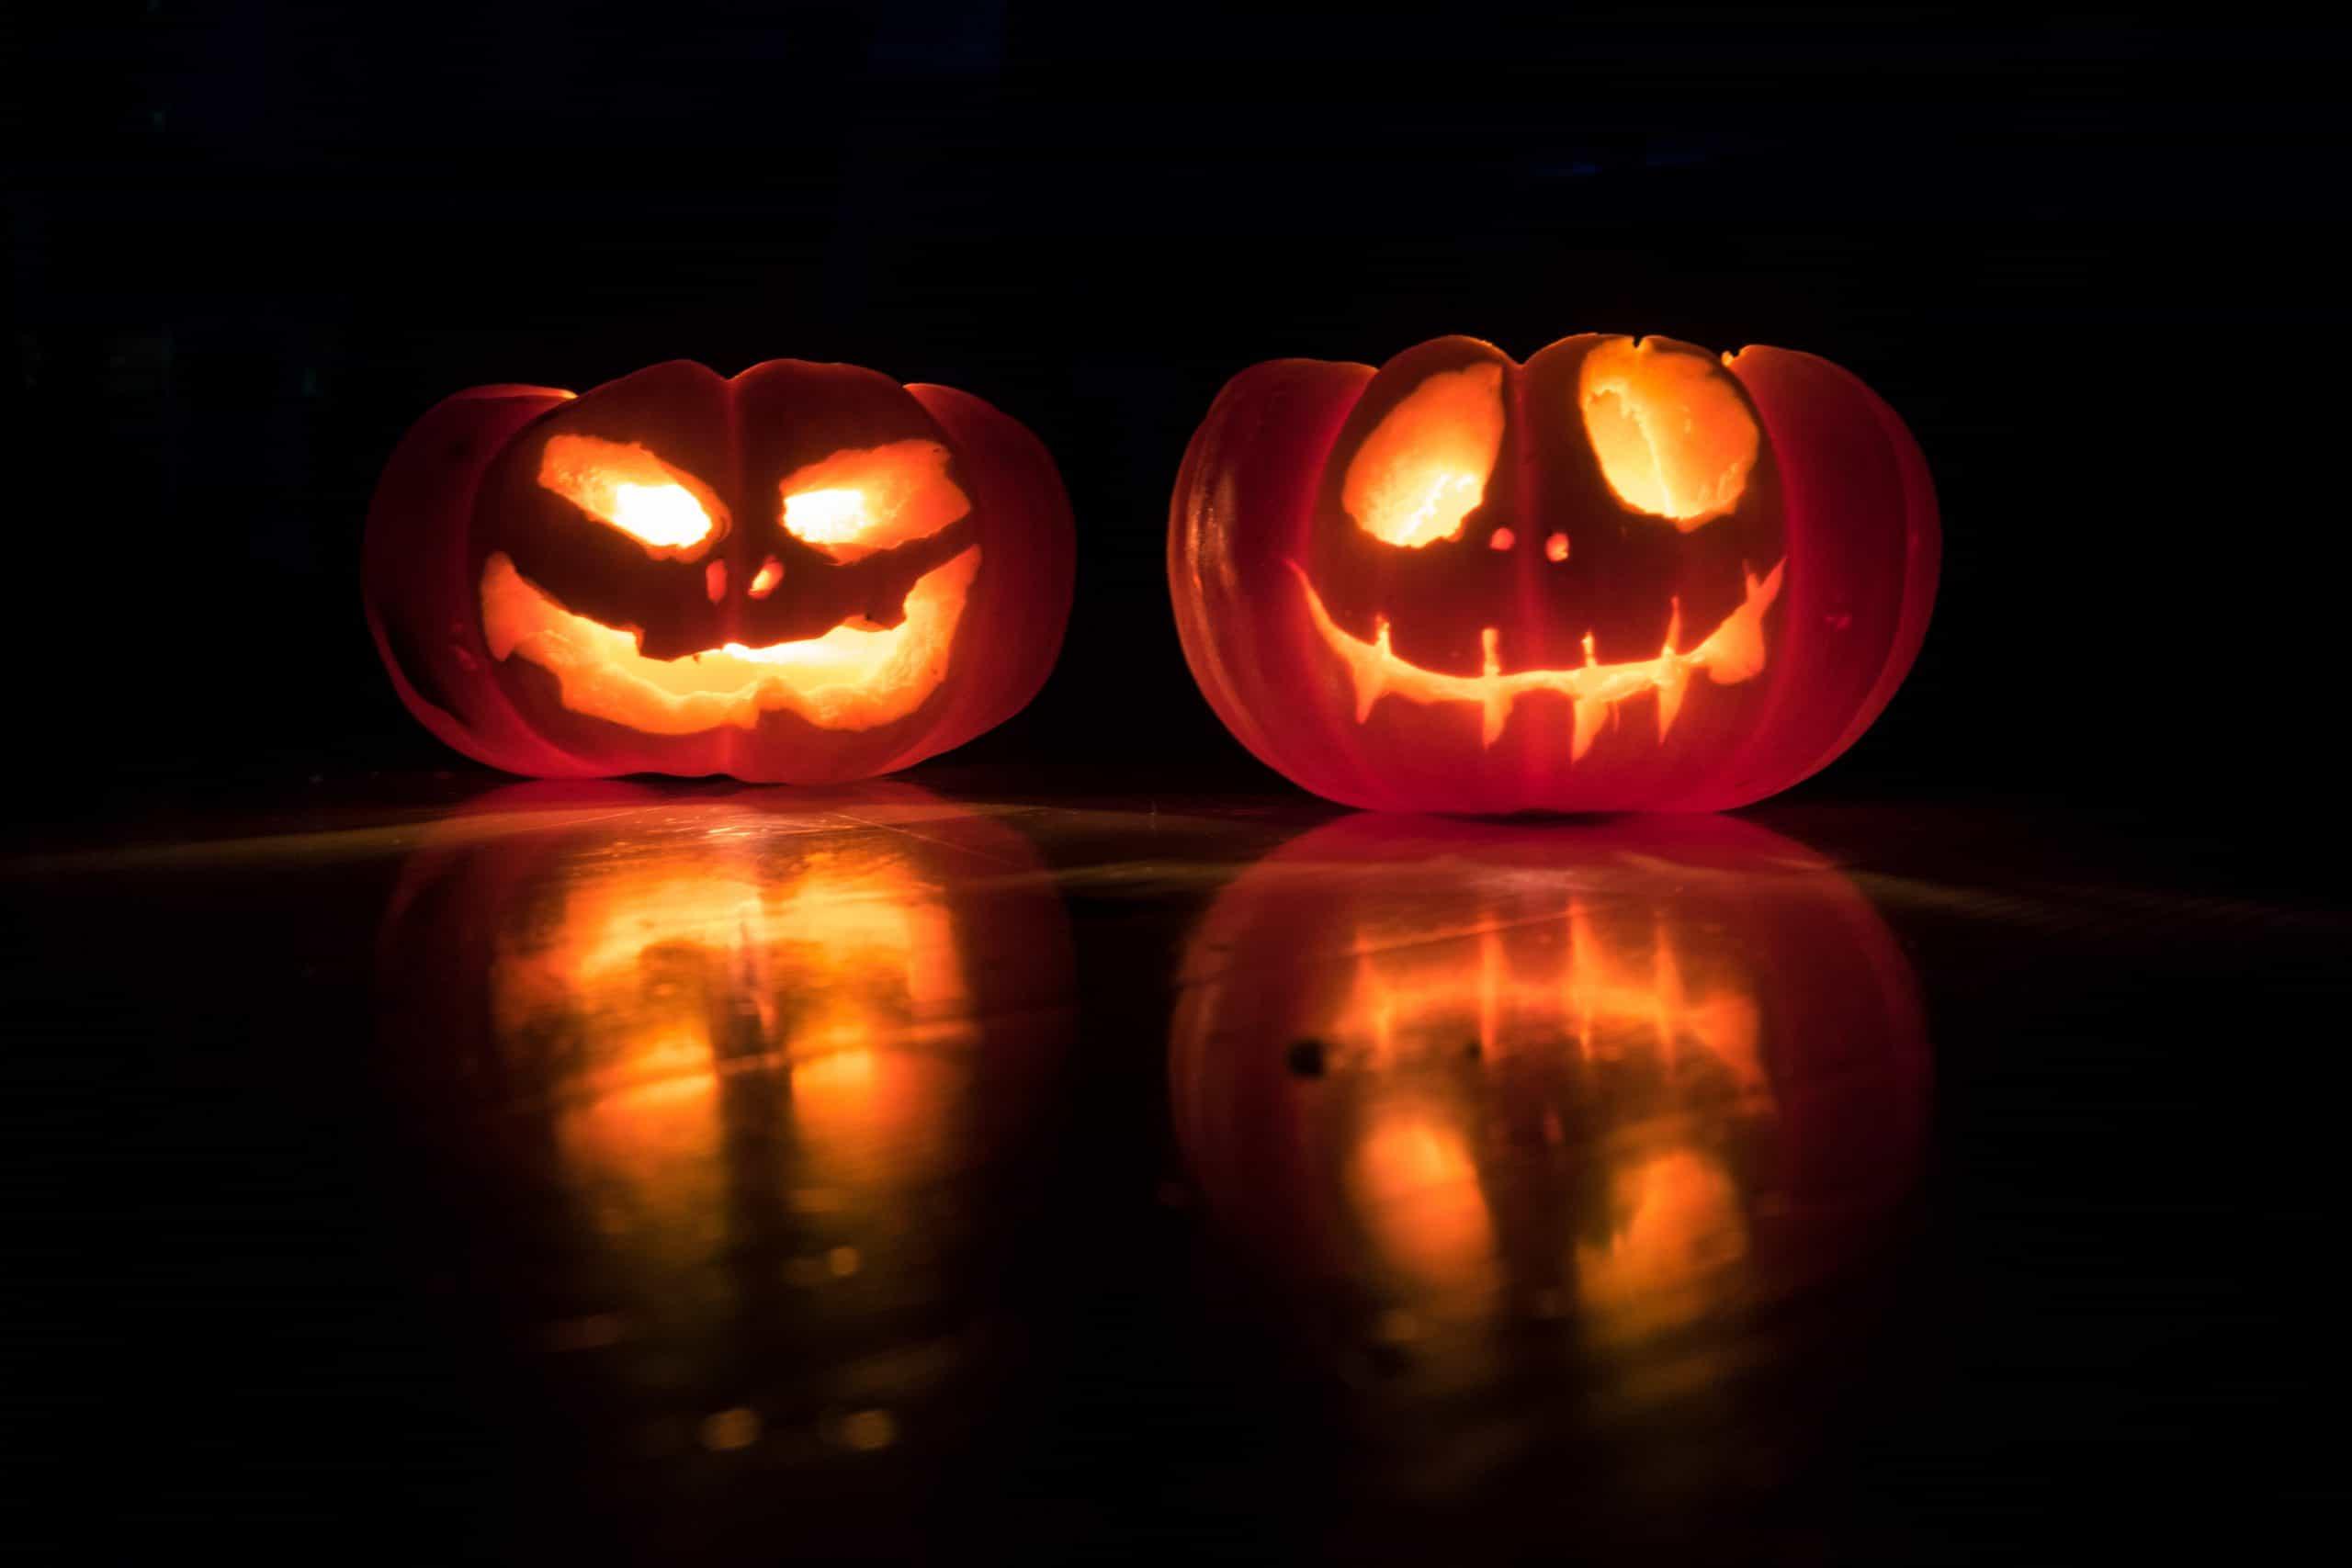 Mogen christenen Halloween vieren